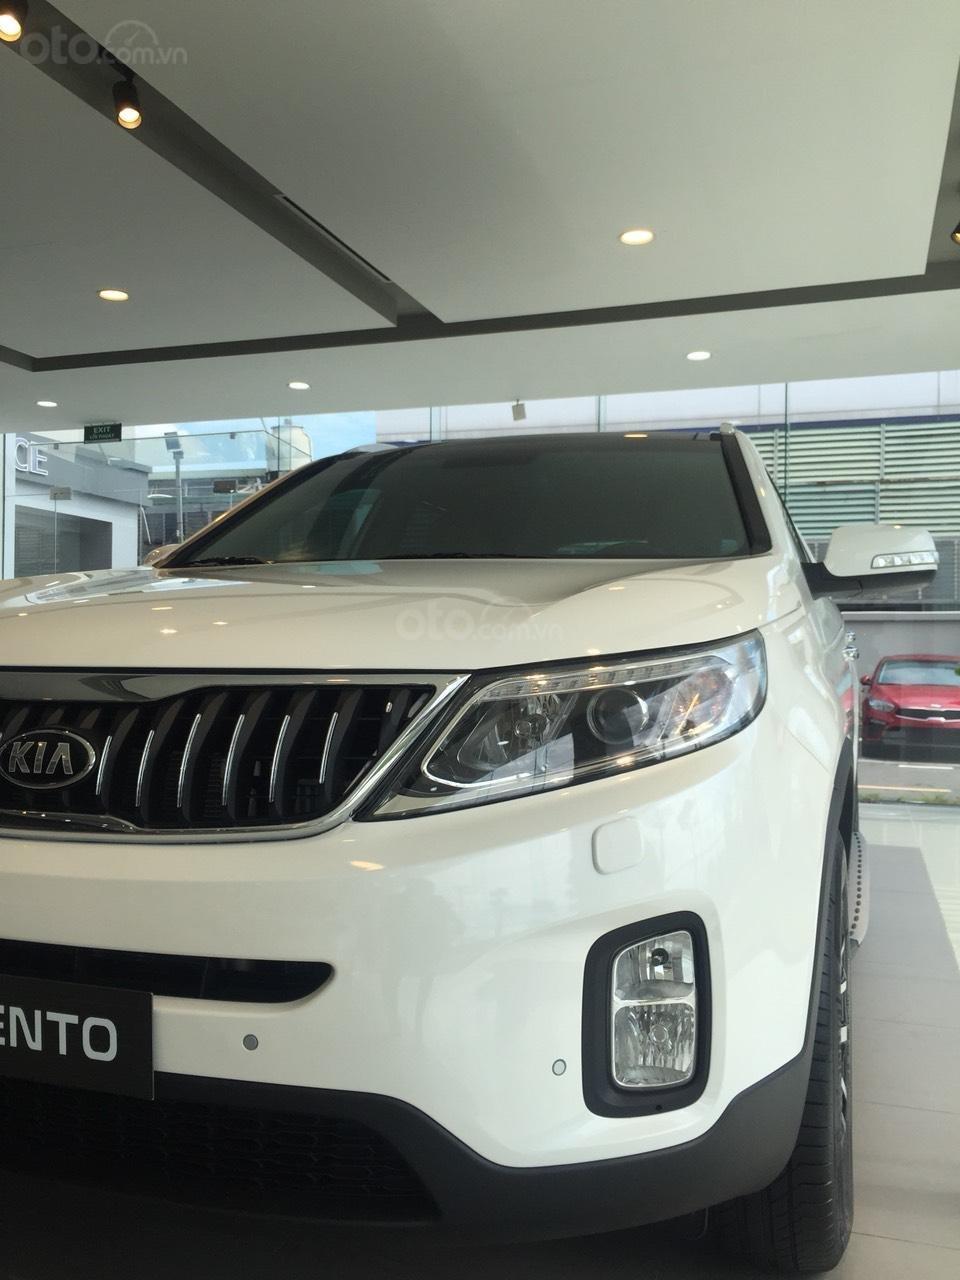 Cần bán xe Kia Sorento đời 2019, chỉ 240 triệu có xe giao ngay đủ màu-1